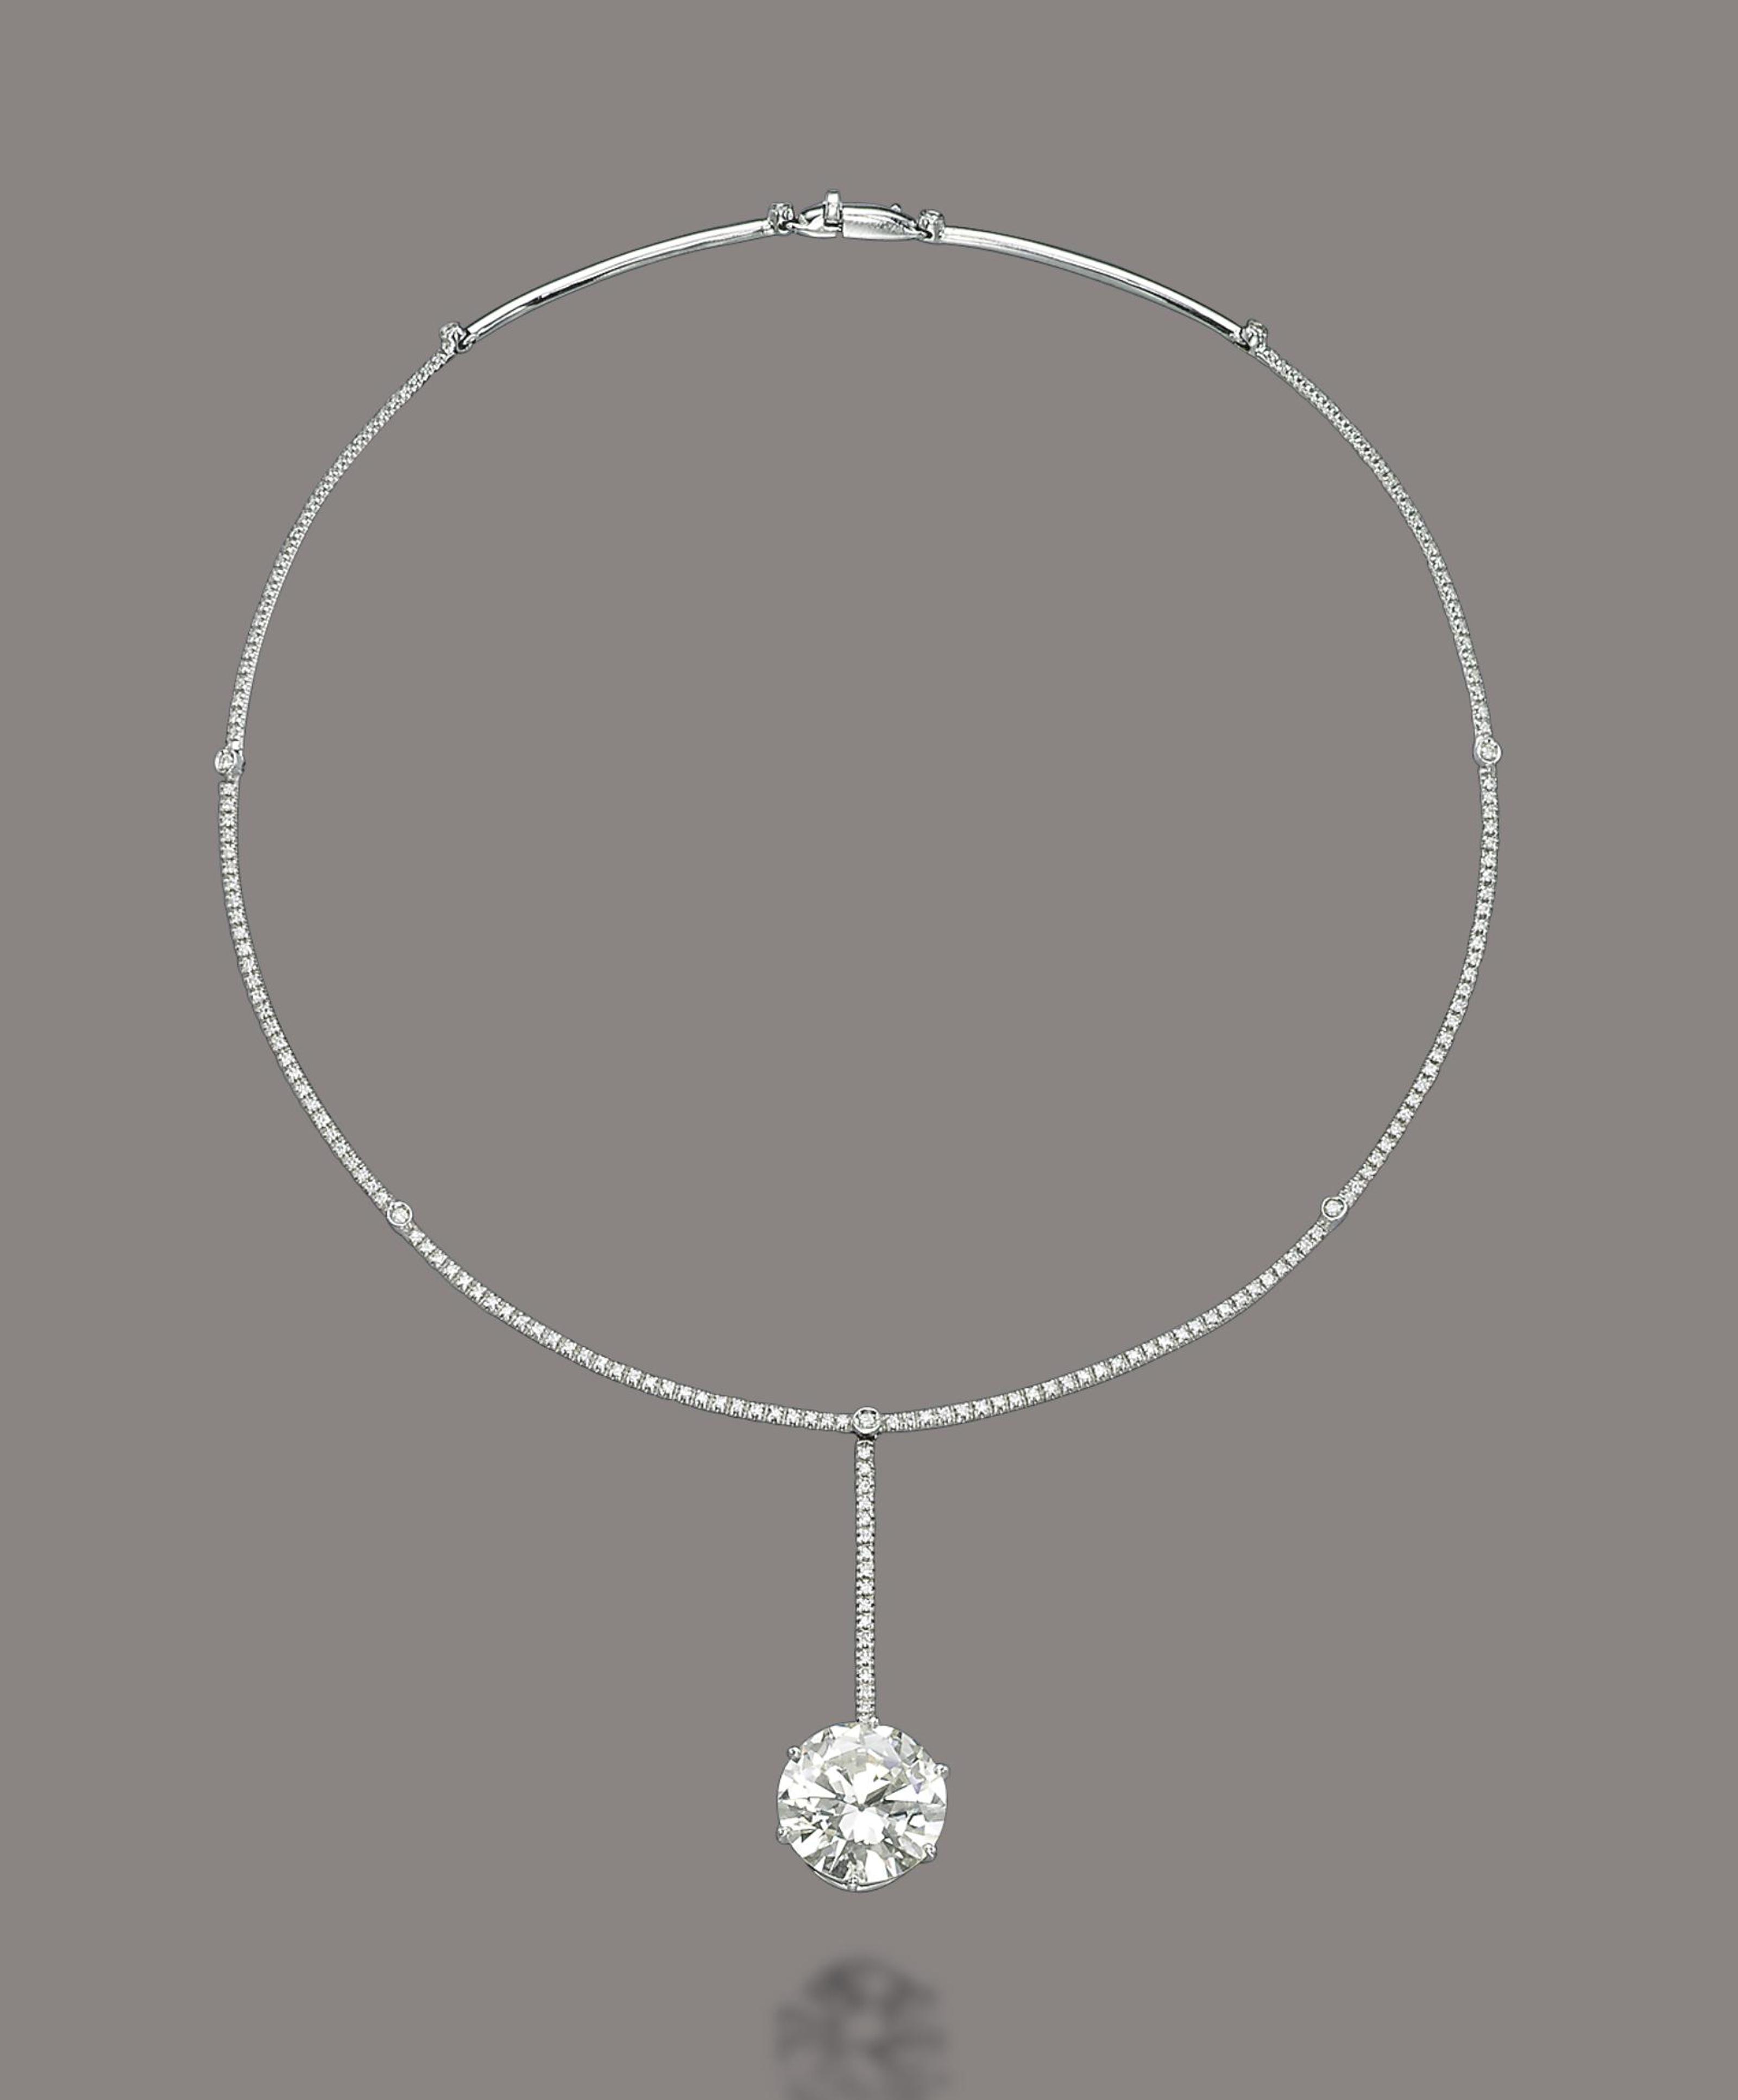 A DIAMOND NECKLACE, BY REPOSSI